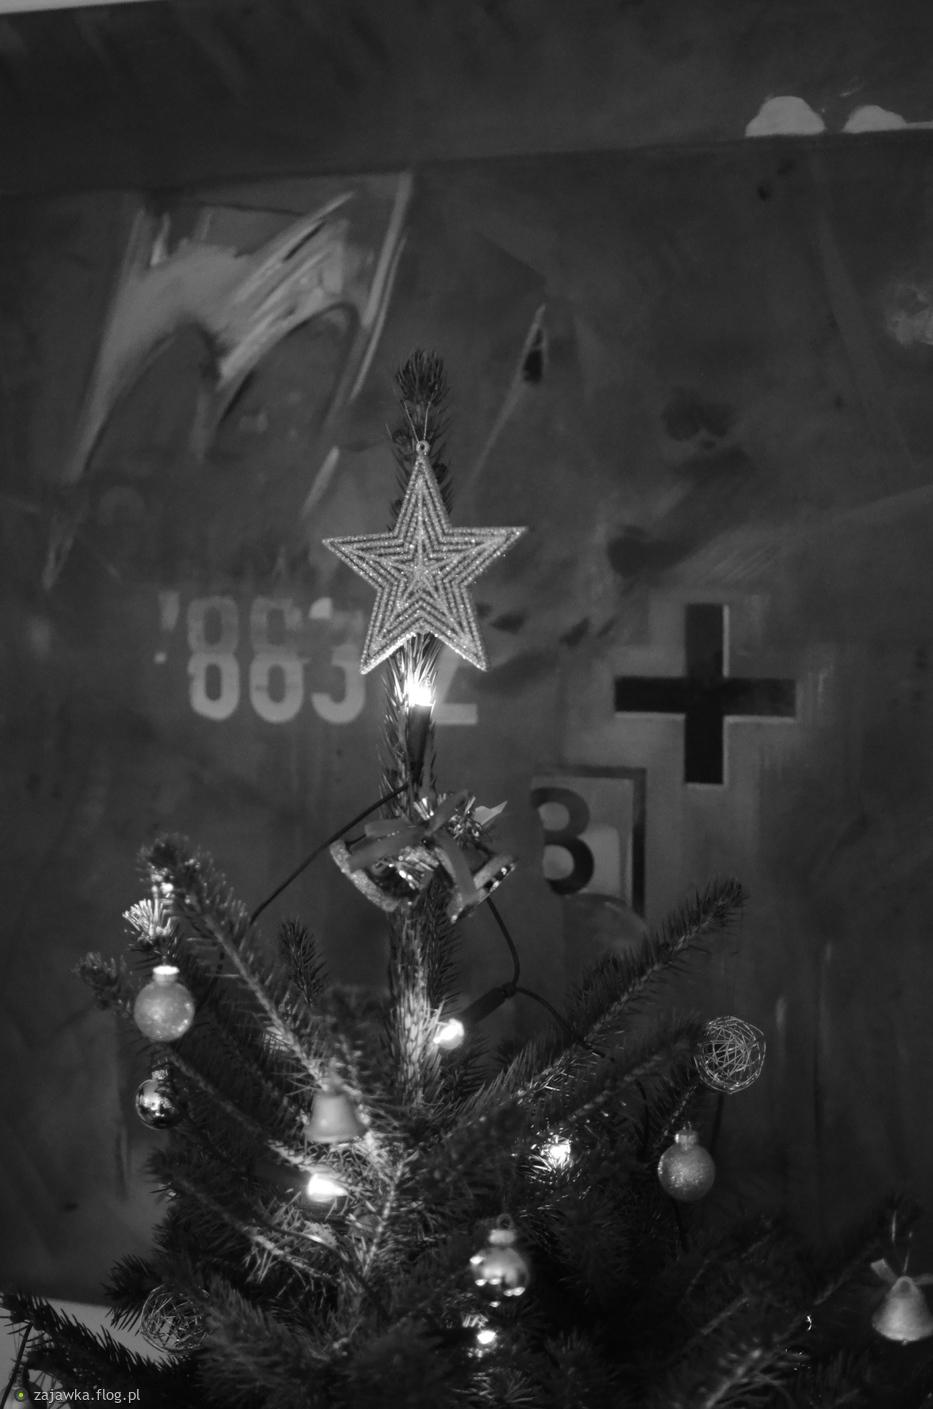 Zdrowych i Wesołych Świąt Bożego Narodzenia.